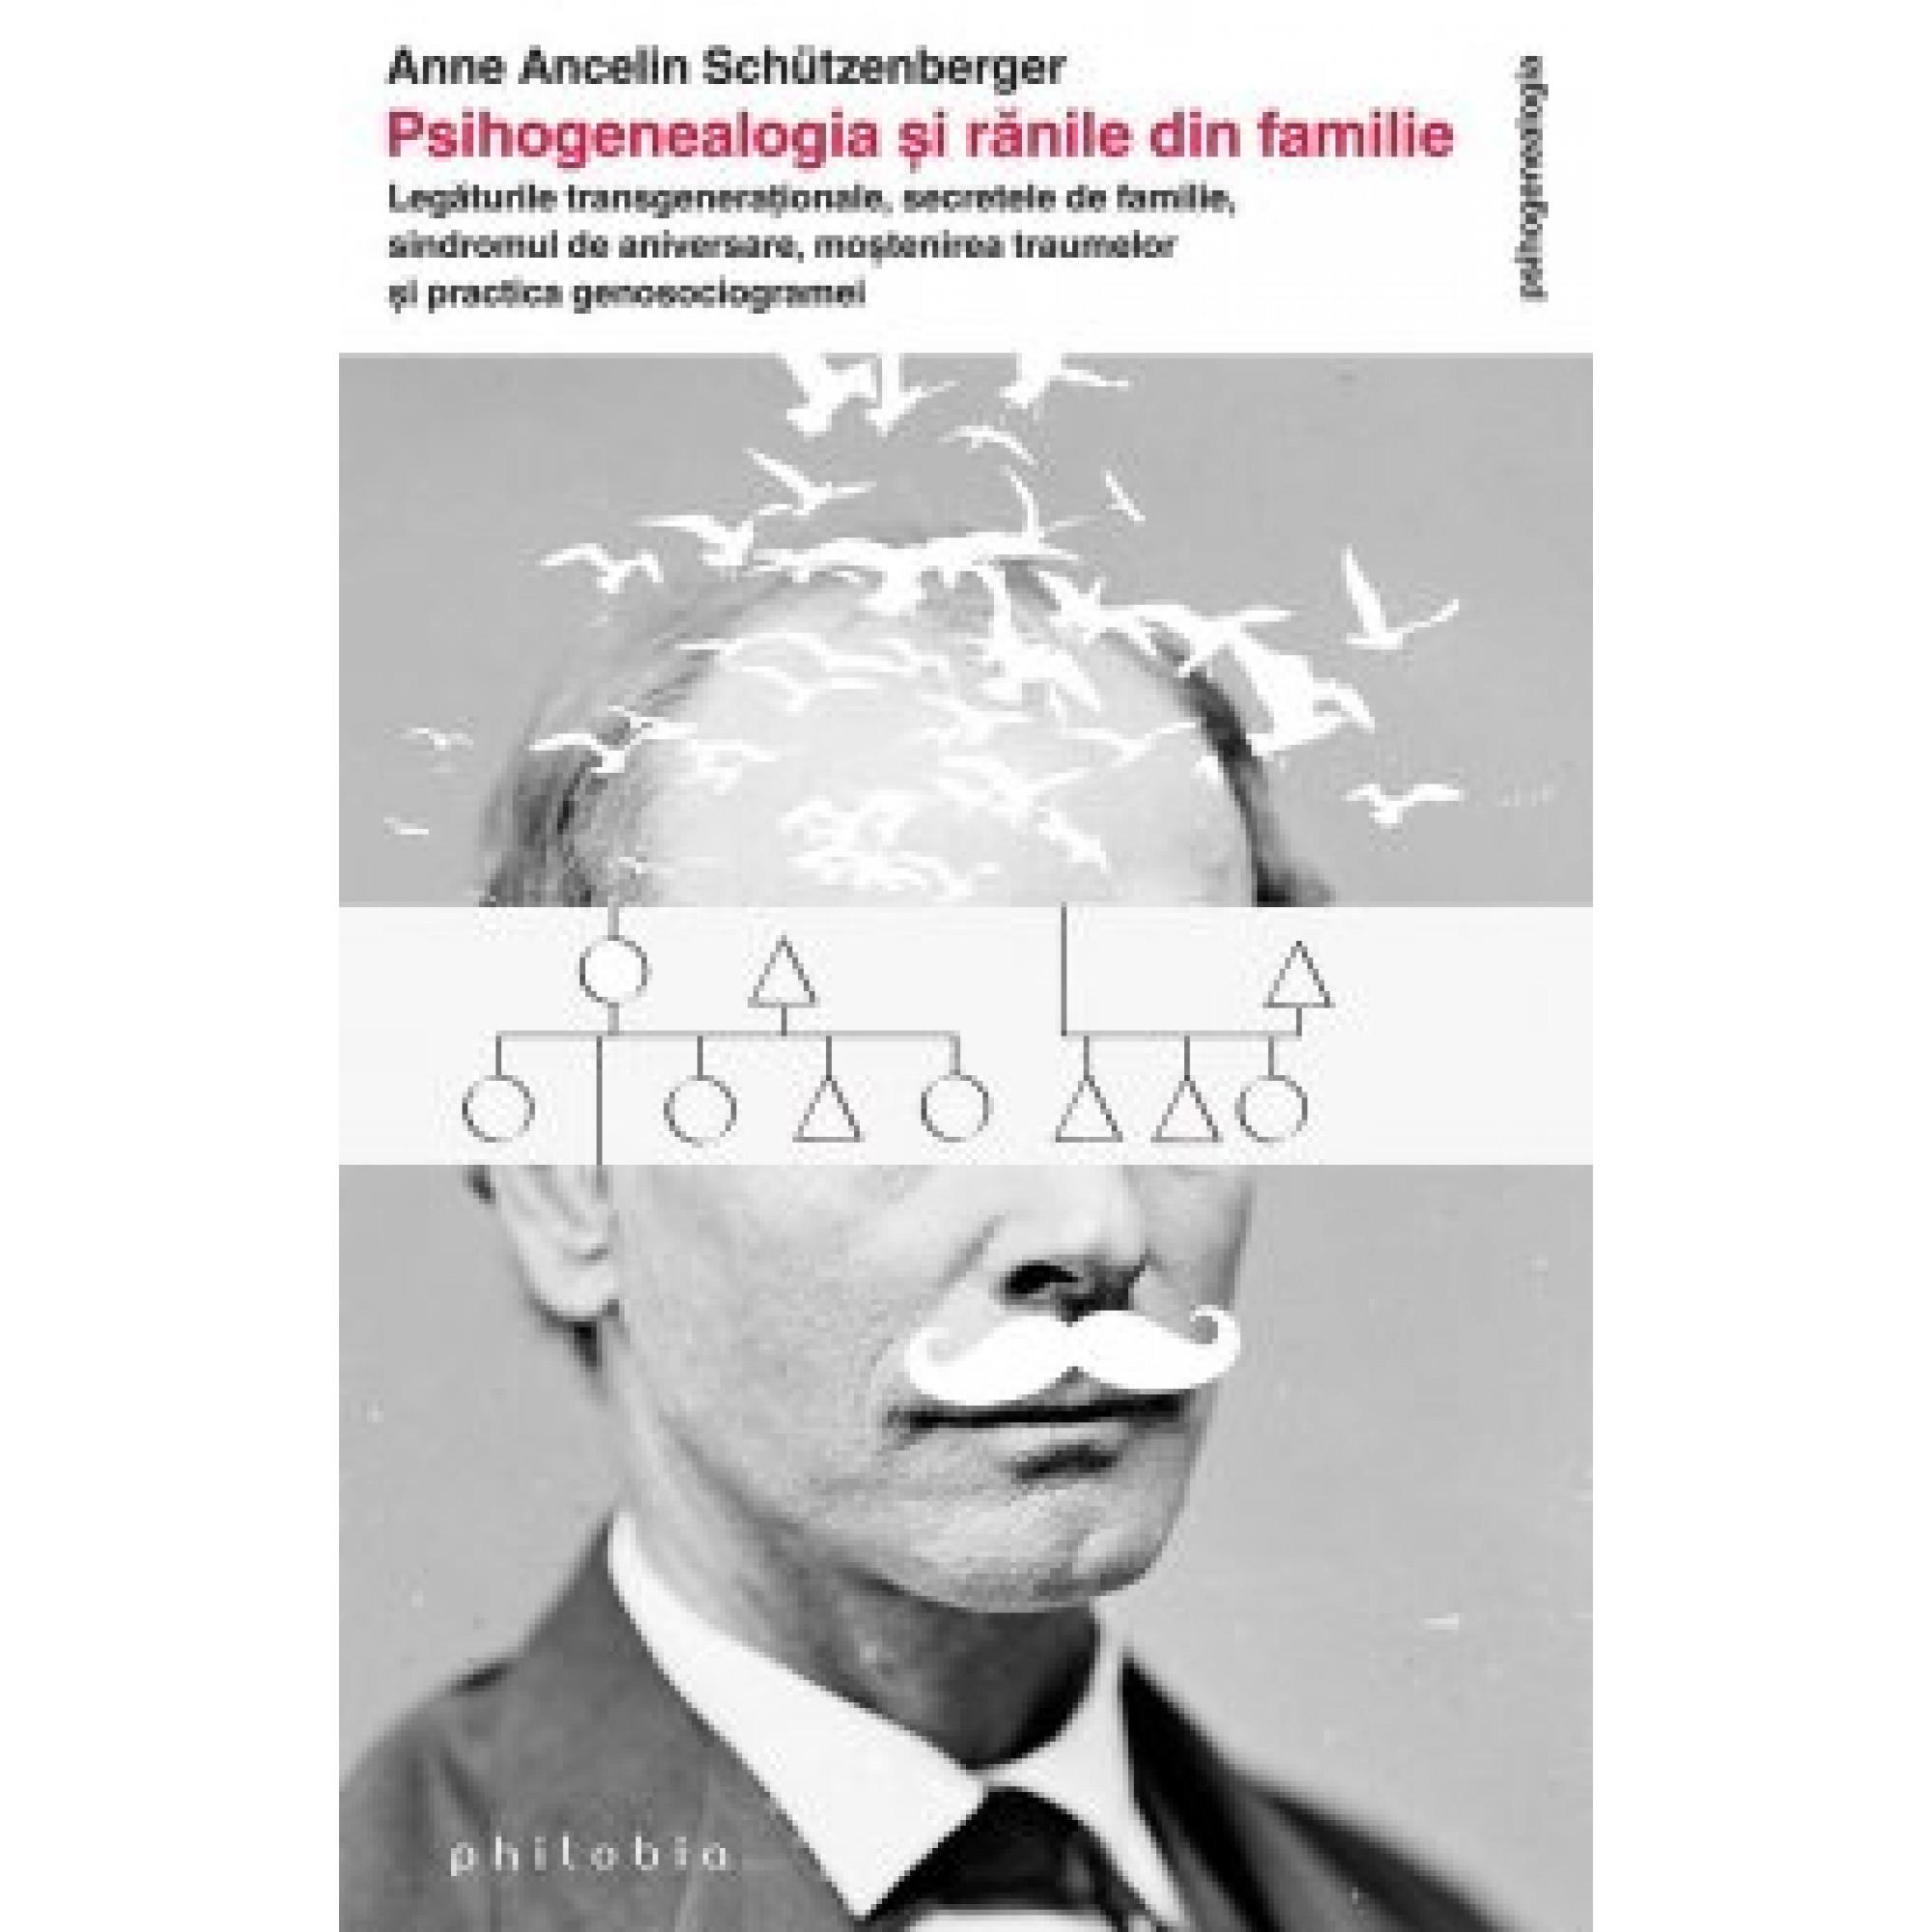 Psihogenealogia și rănile din familie; Anne Ancelin Schützenberger